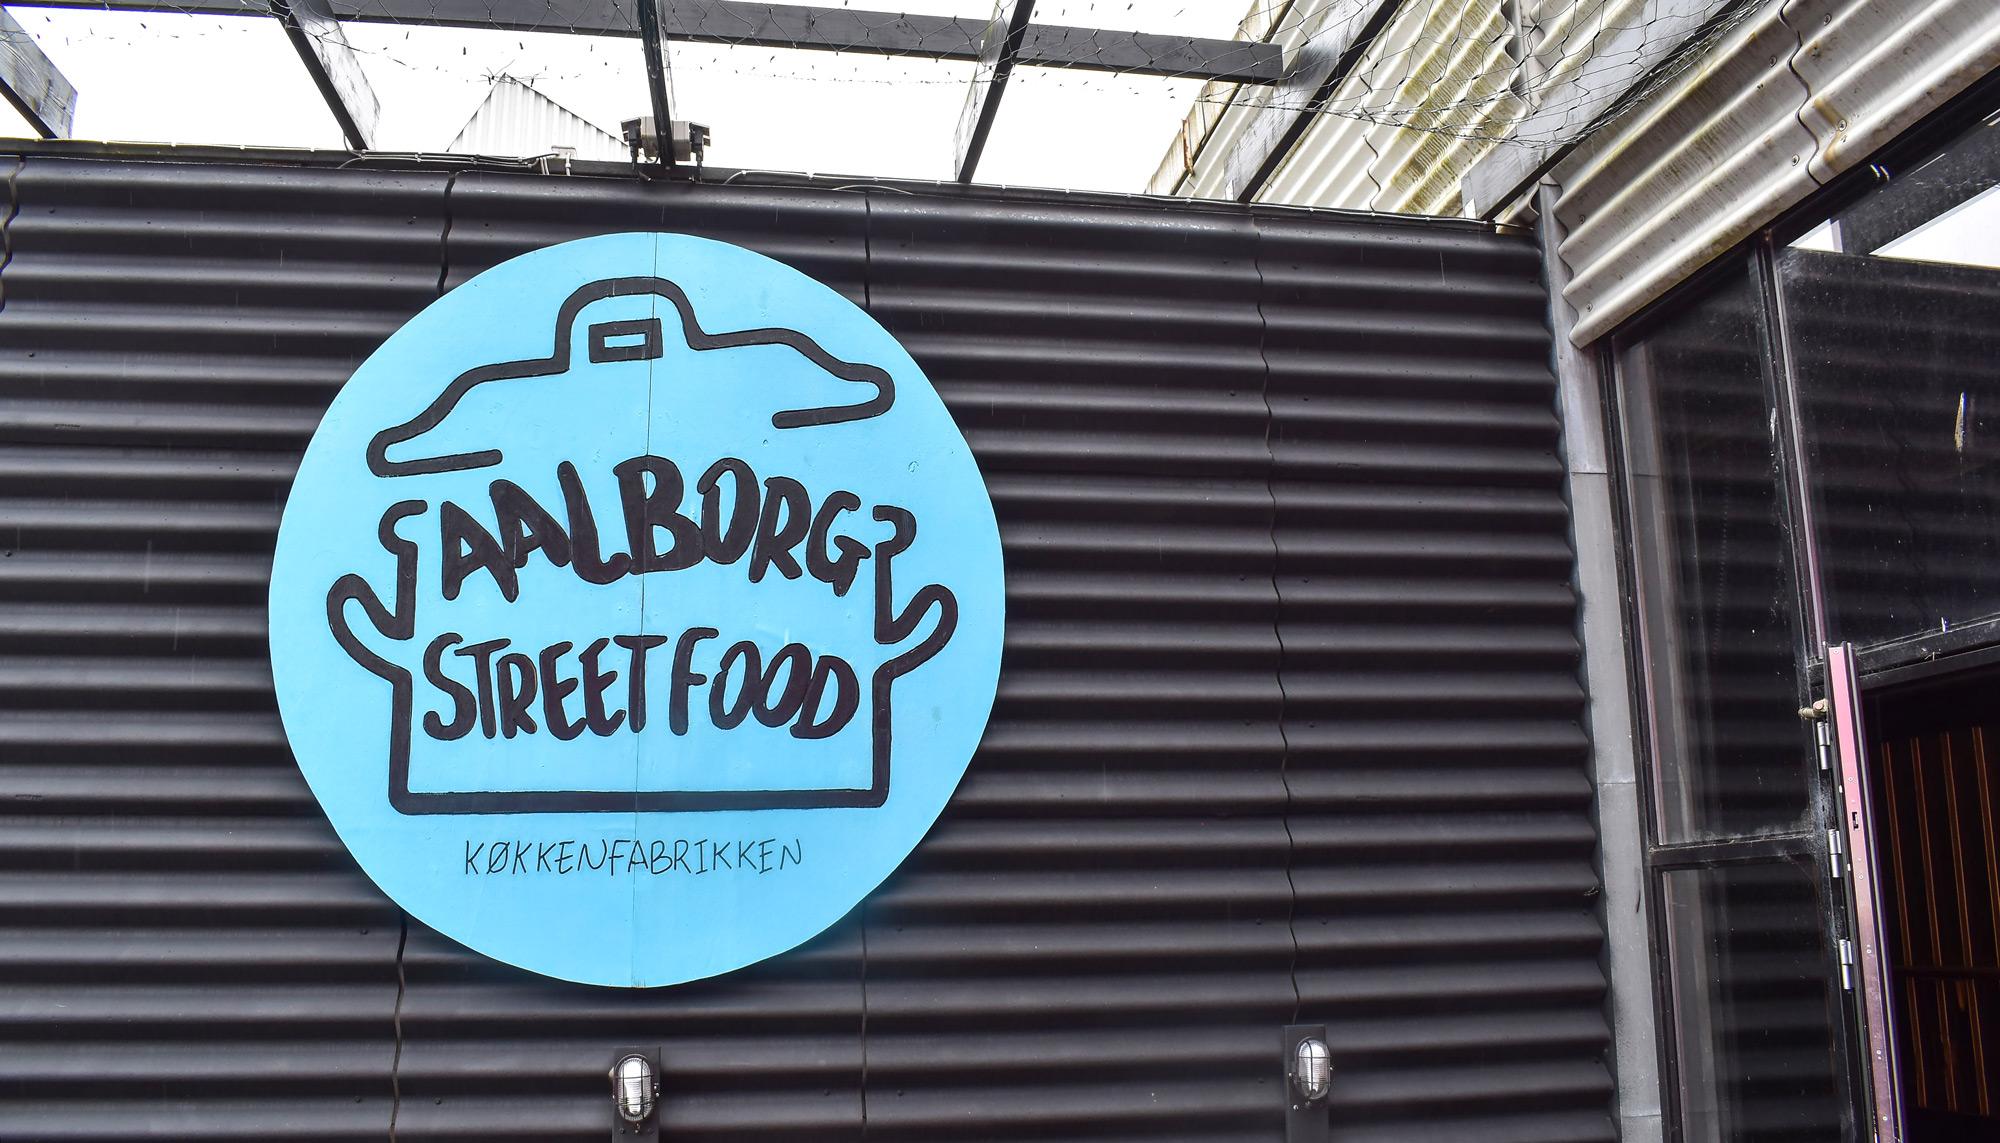 Gratis entré: Kom til kæmpe mandemesse på Aalborg Streetfood